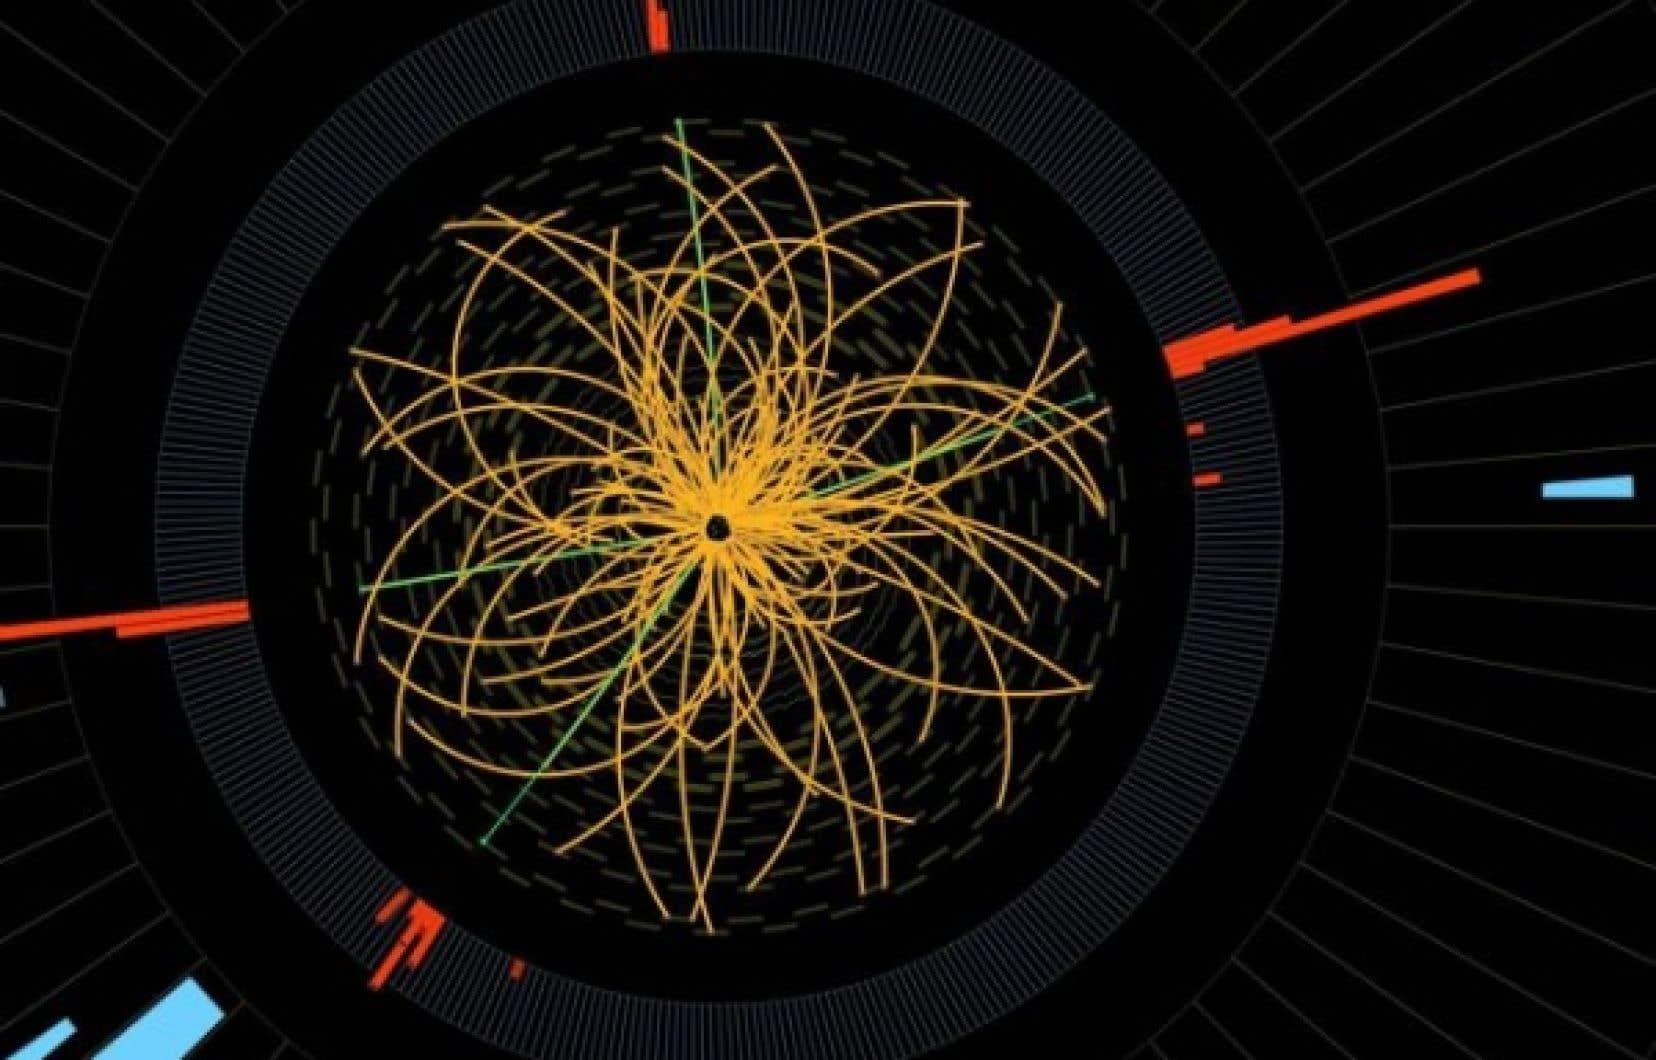 Cette image fournie par le CERN en 2011 montre une collision particules provoquée dans le Large Hadron Collider de l'Organisation européenne pour la recherche nucléaire (CERN).